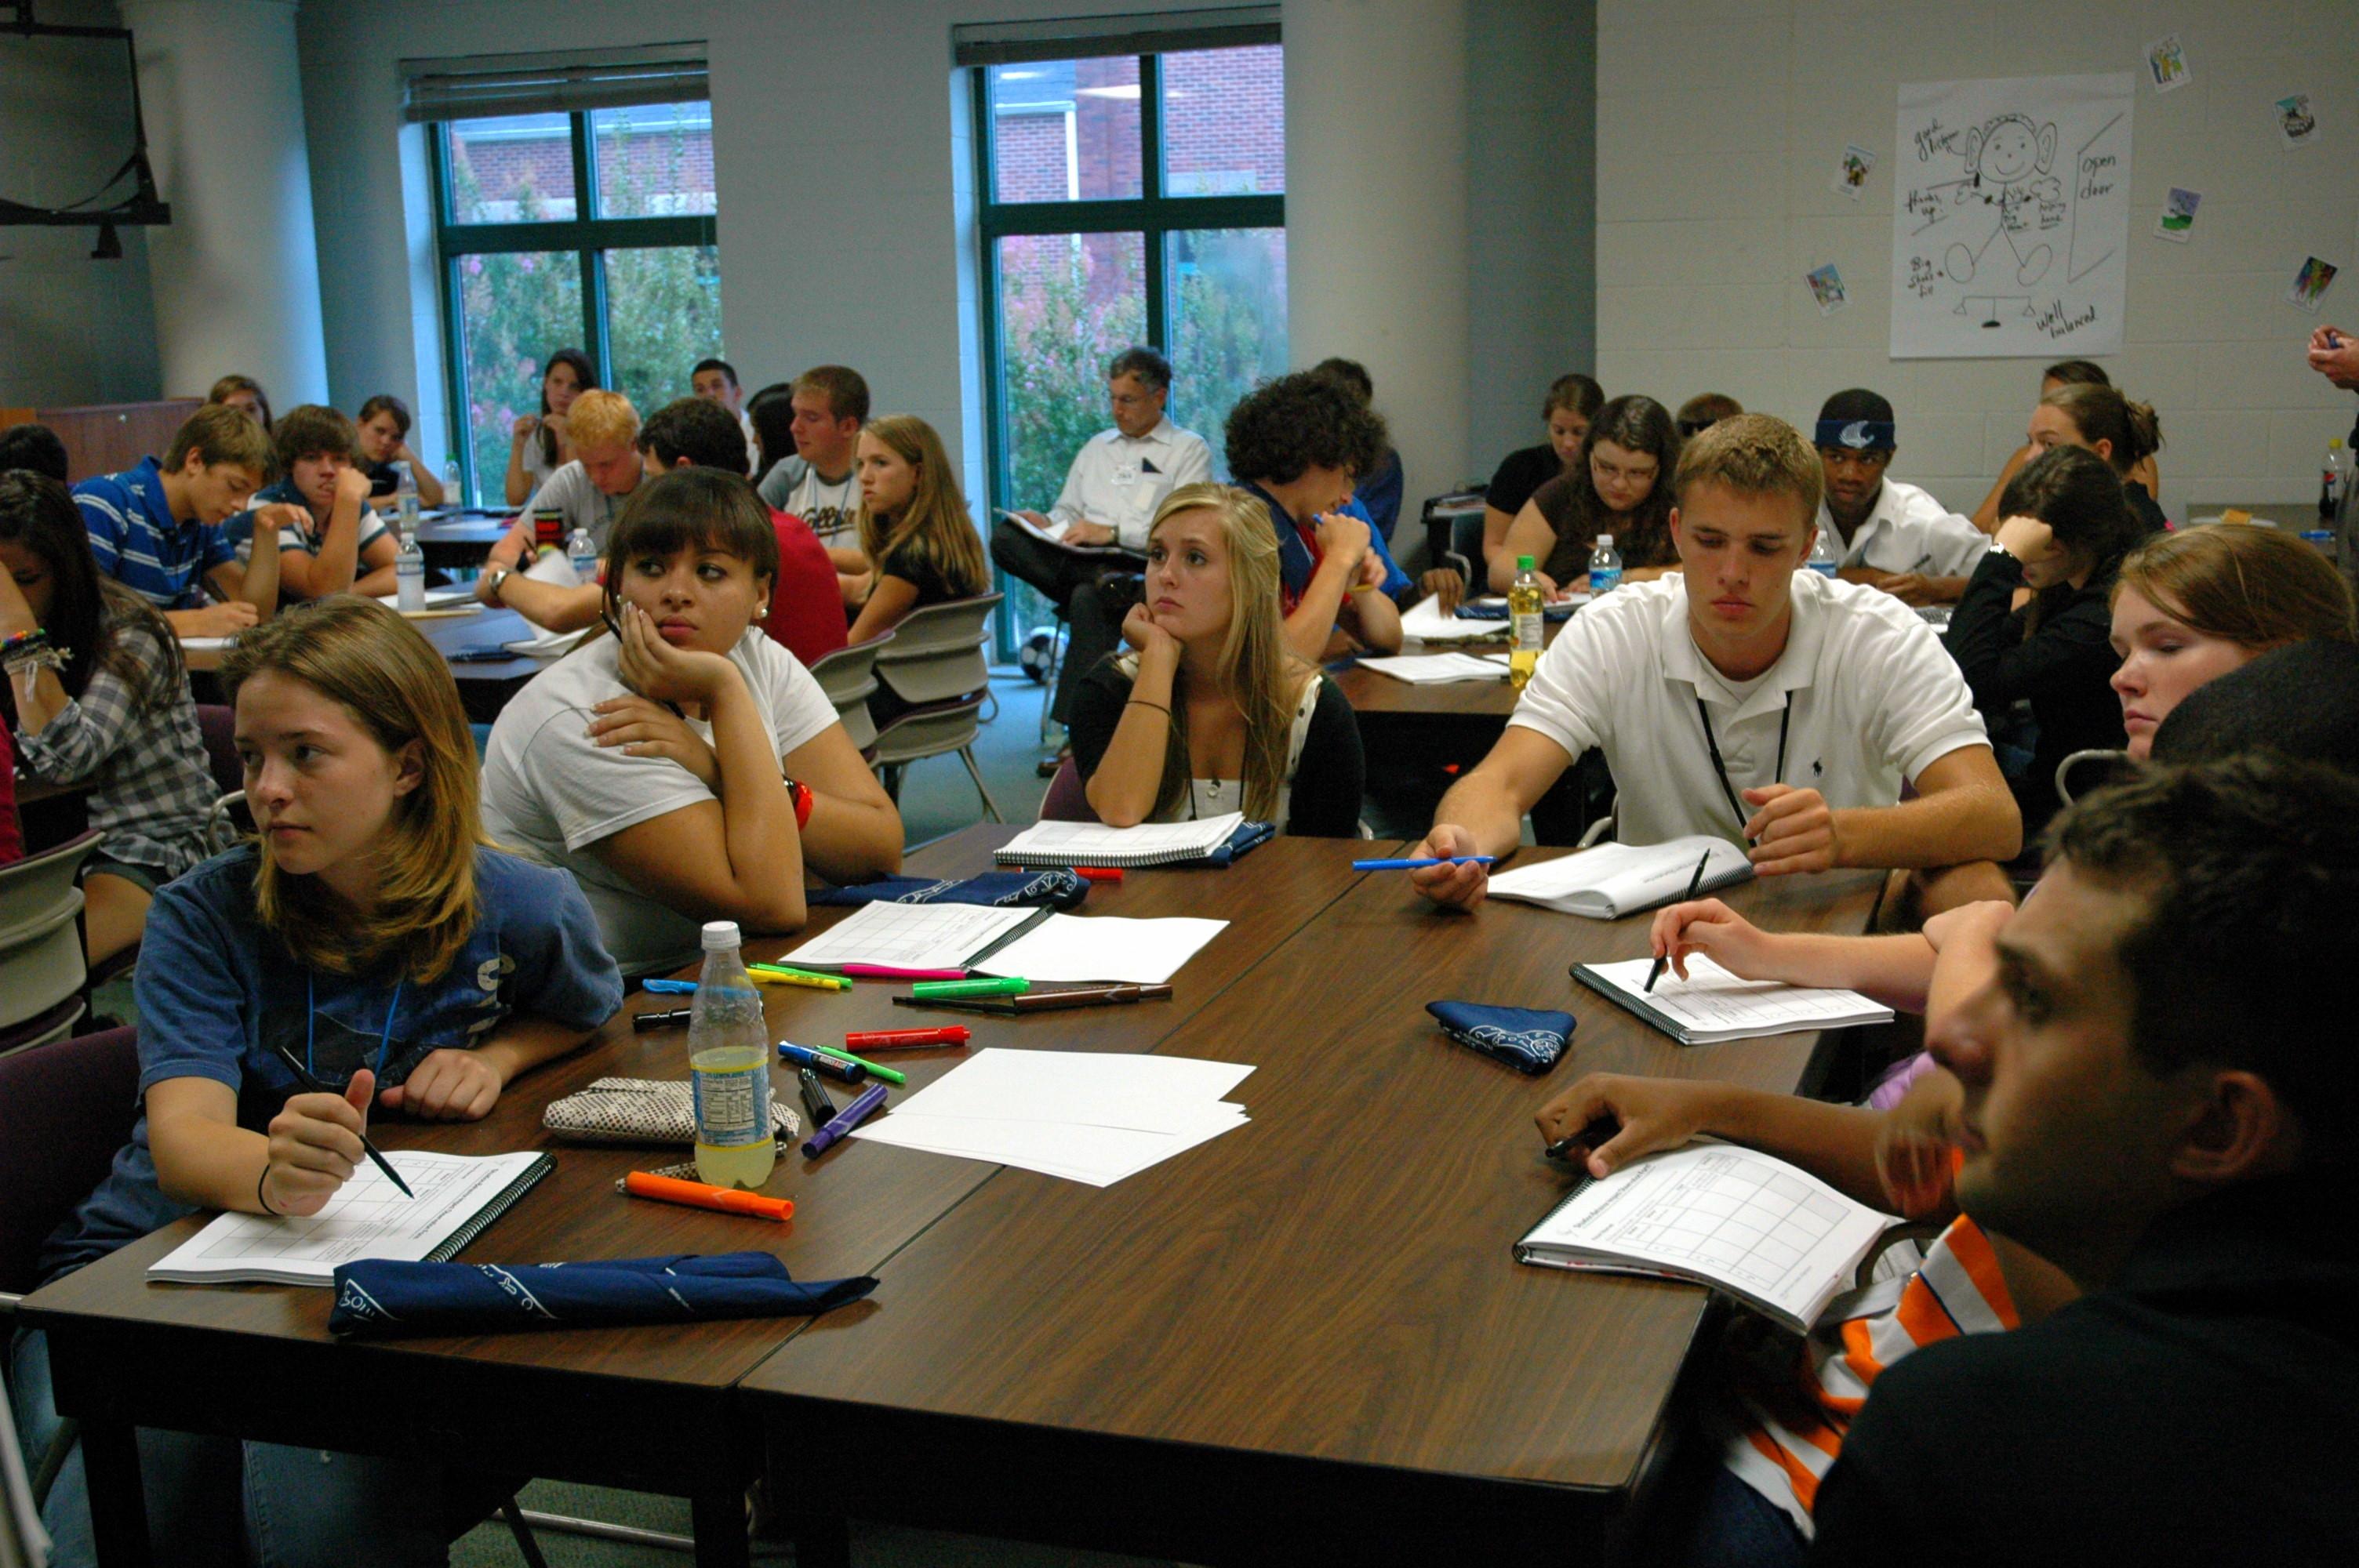 Inklusion af børn og unge i skolealderen med minoritetsbaggrund